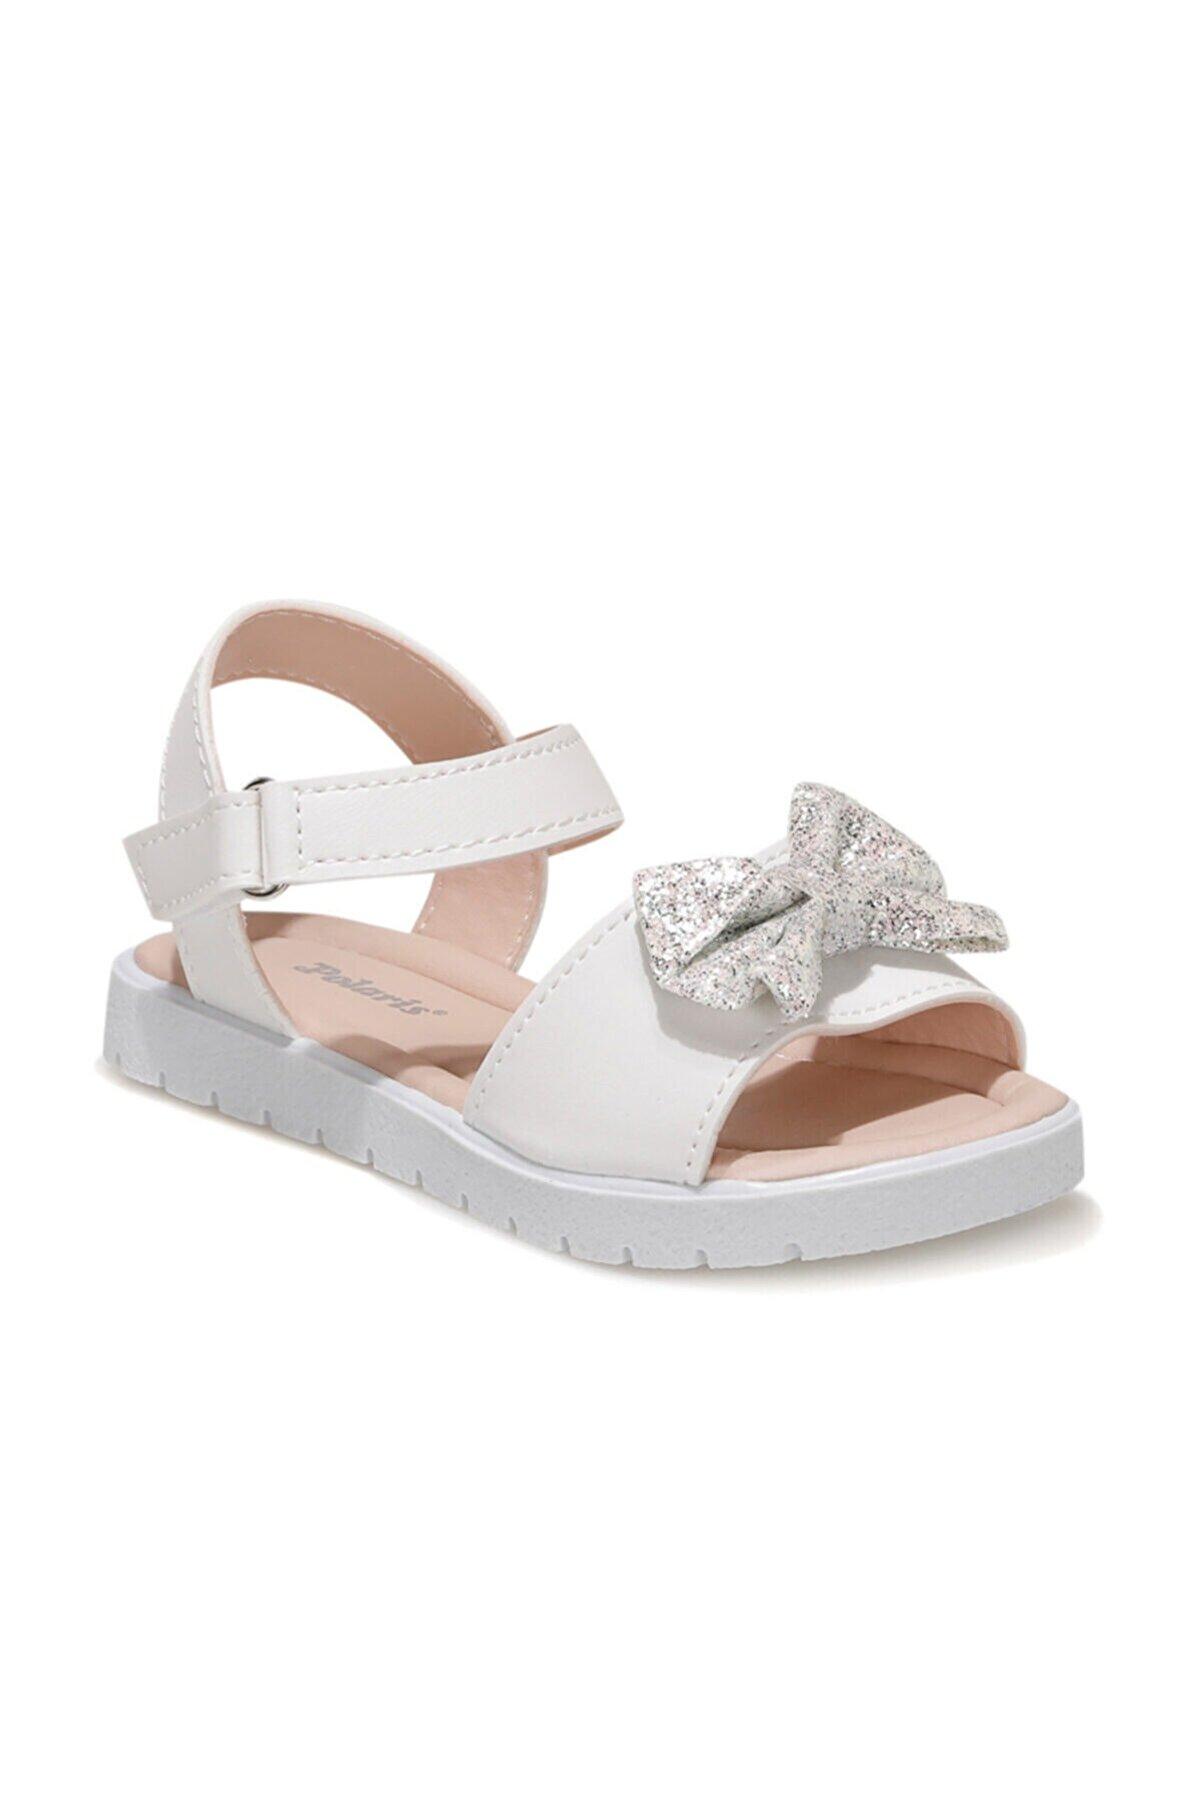 Polaris 615236.P1FX Beyaz Kız Çocuk Sandalet 101011143